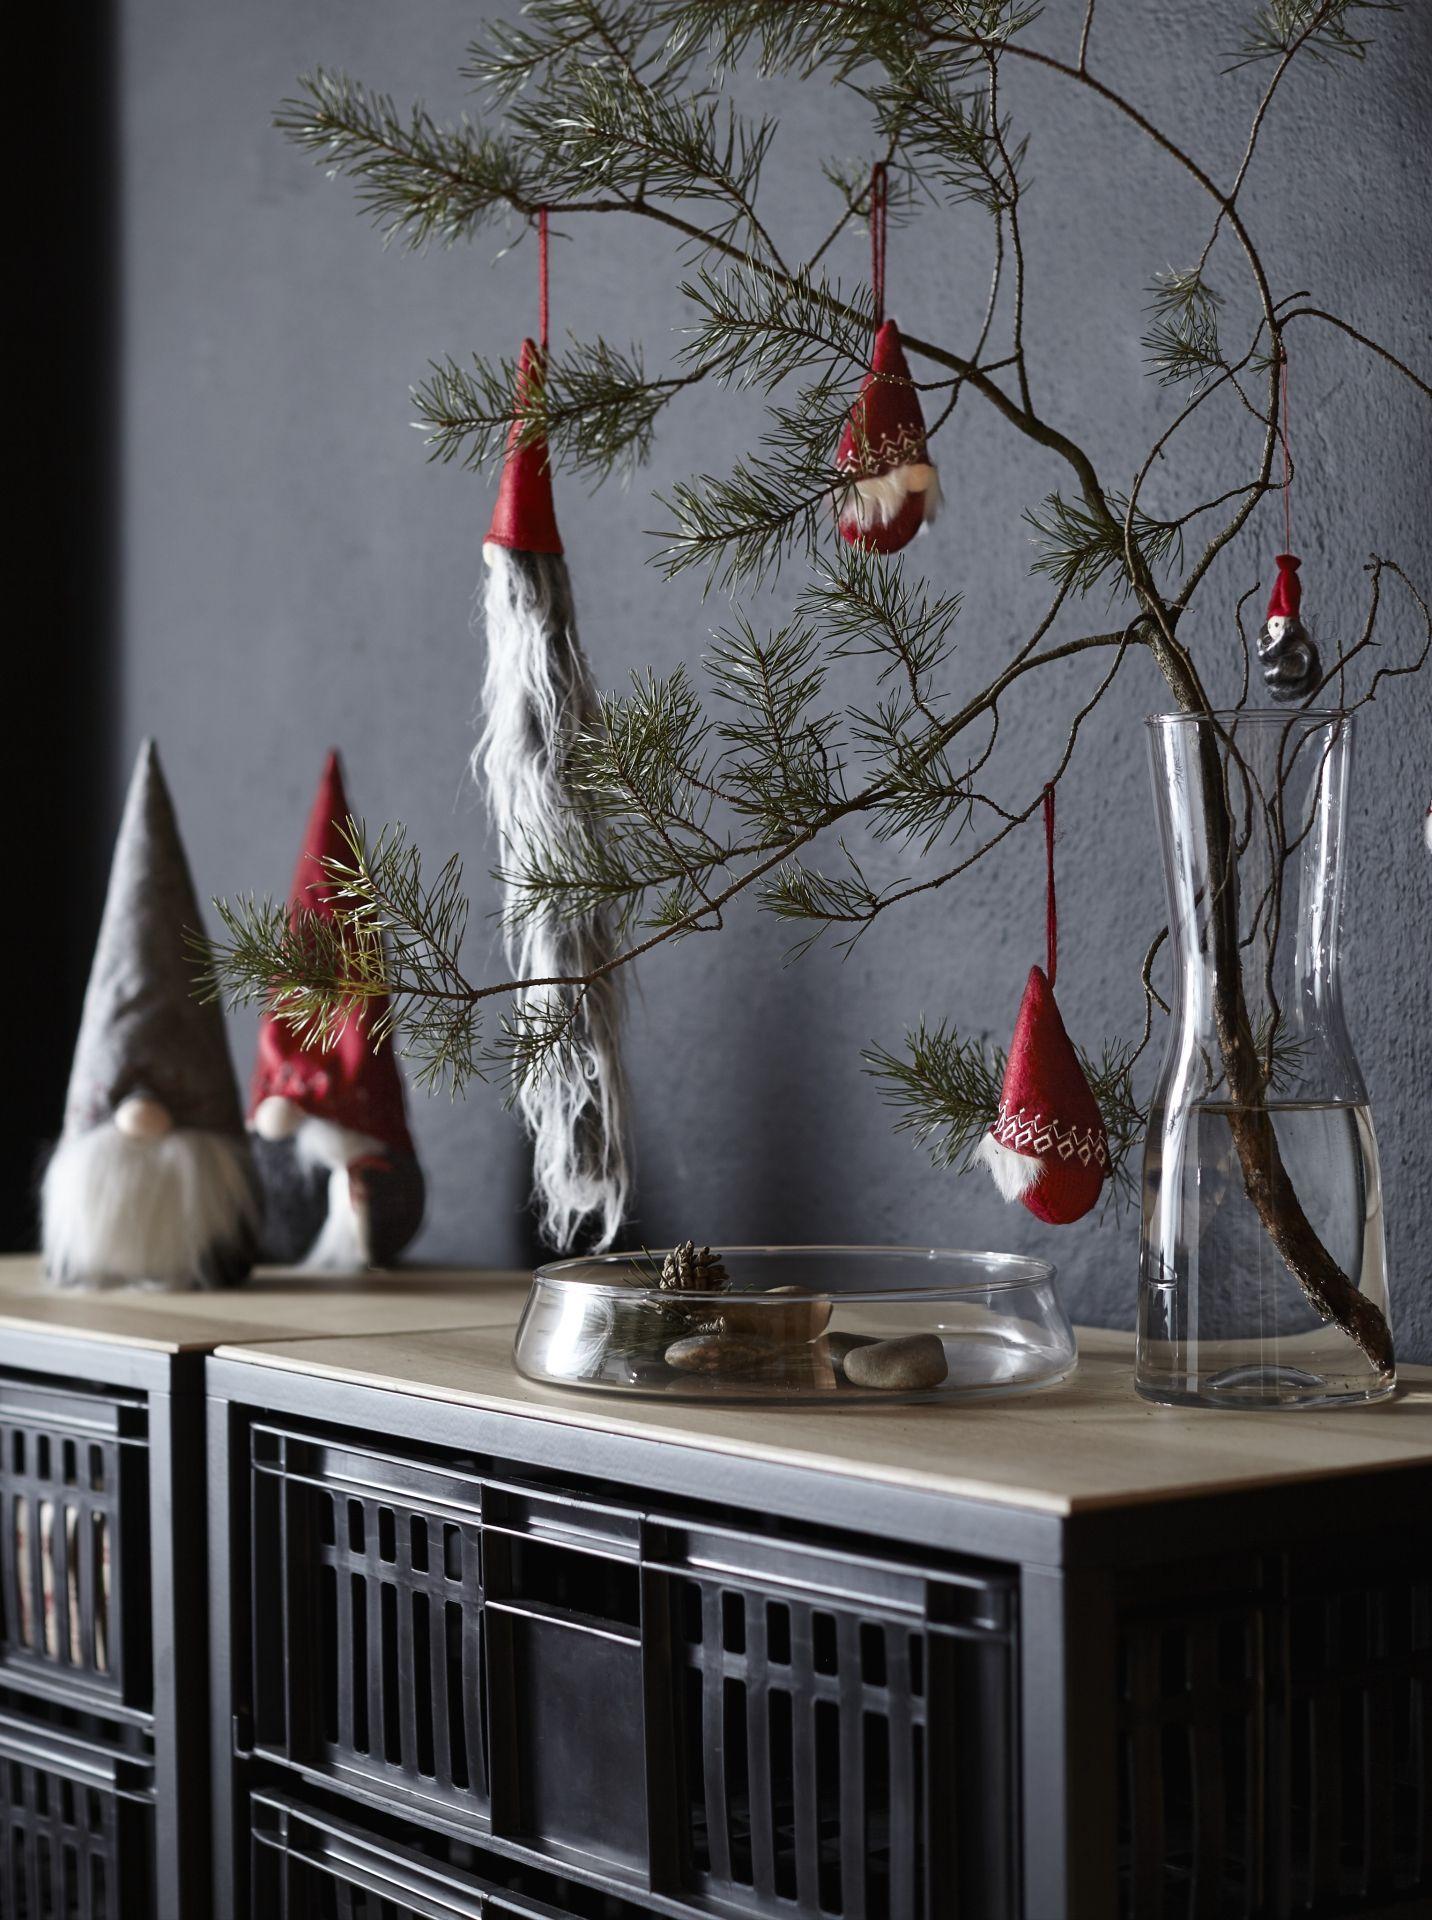 vinter 2017 decoratie ikea ikeanl ikeanederland kerst inspiratie kerstinspiratie kerstman interieur wooninspiratie versiering winter tidvatten schaal